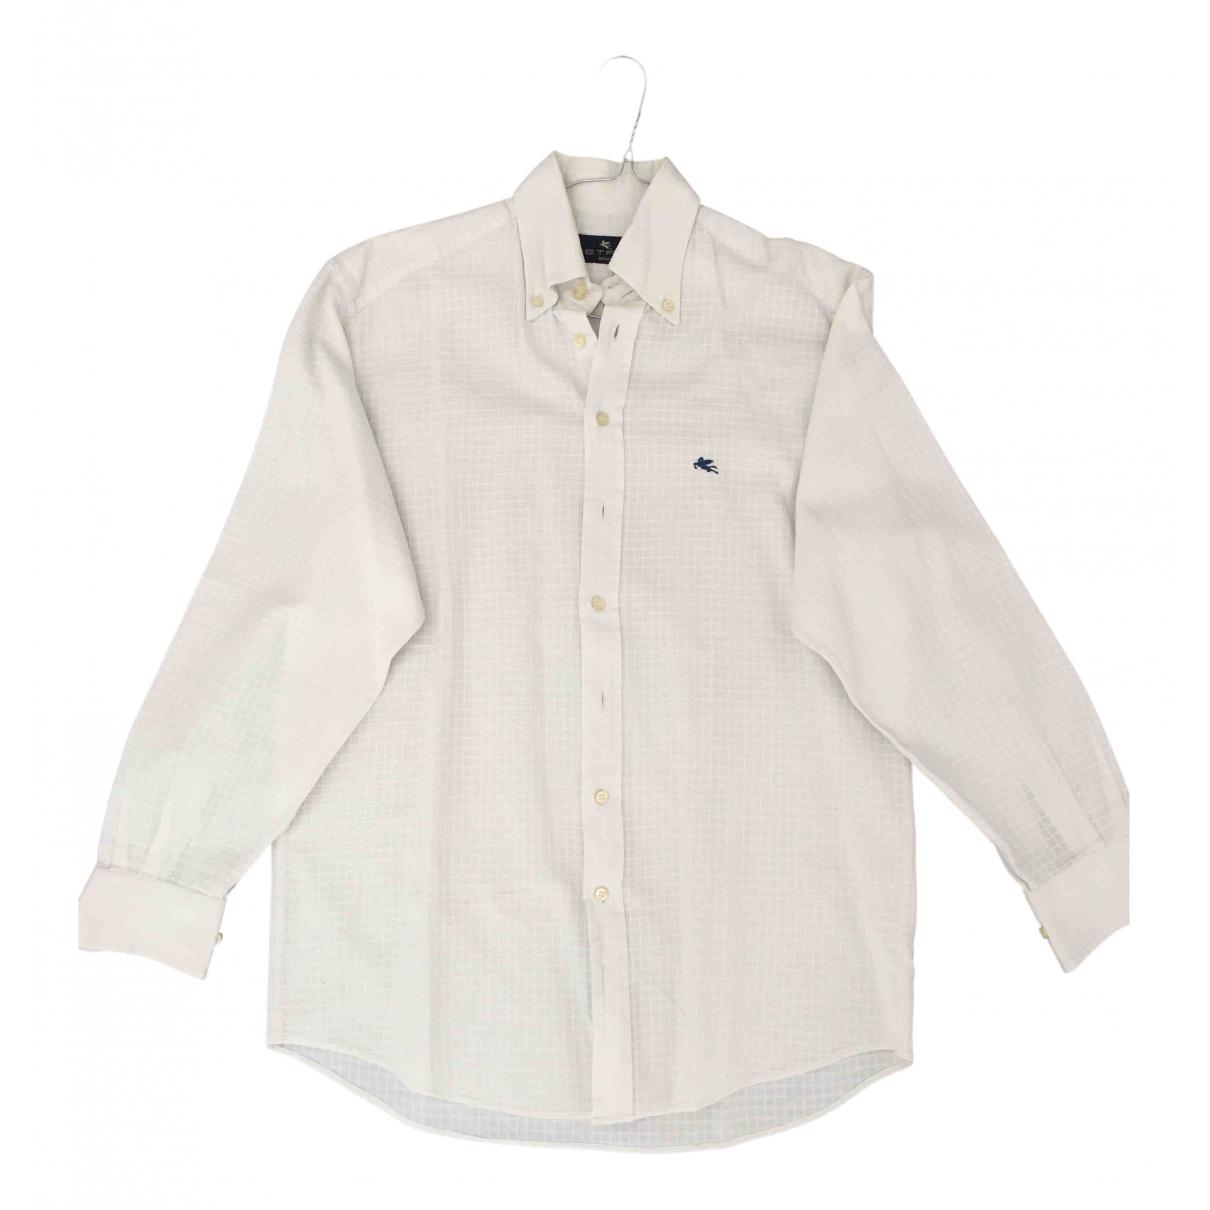 Etro \N White Cotton Shirts for Men 39 EU (tour de cou / collar)